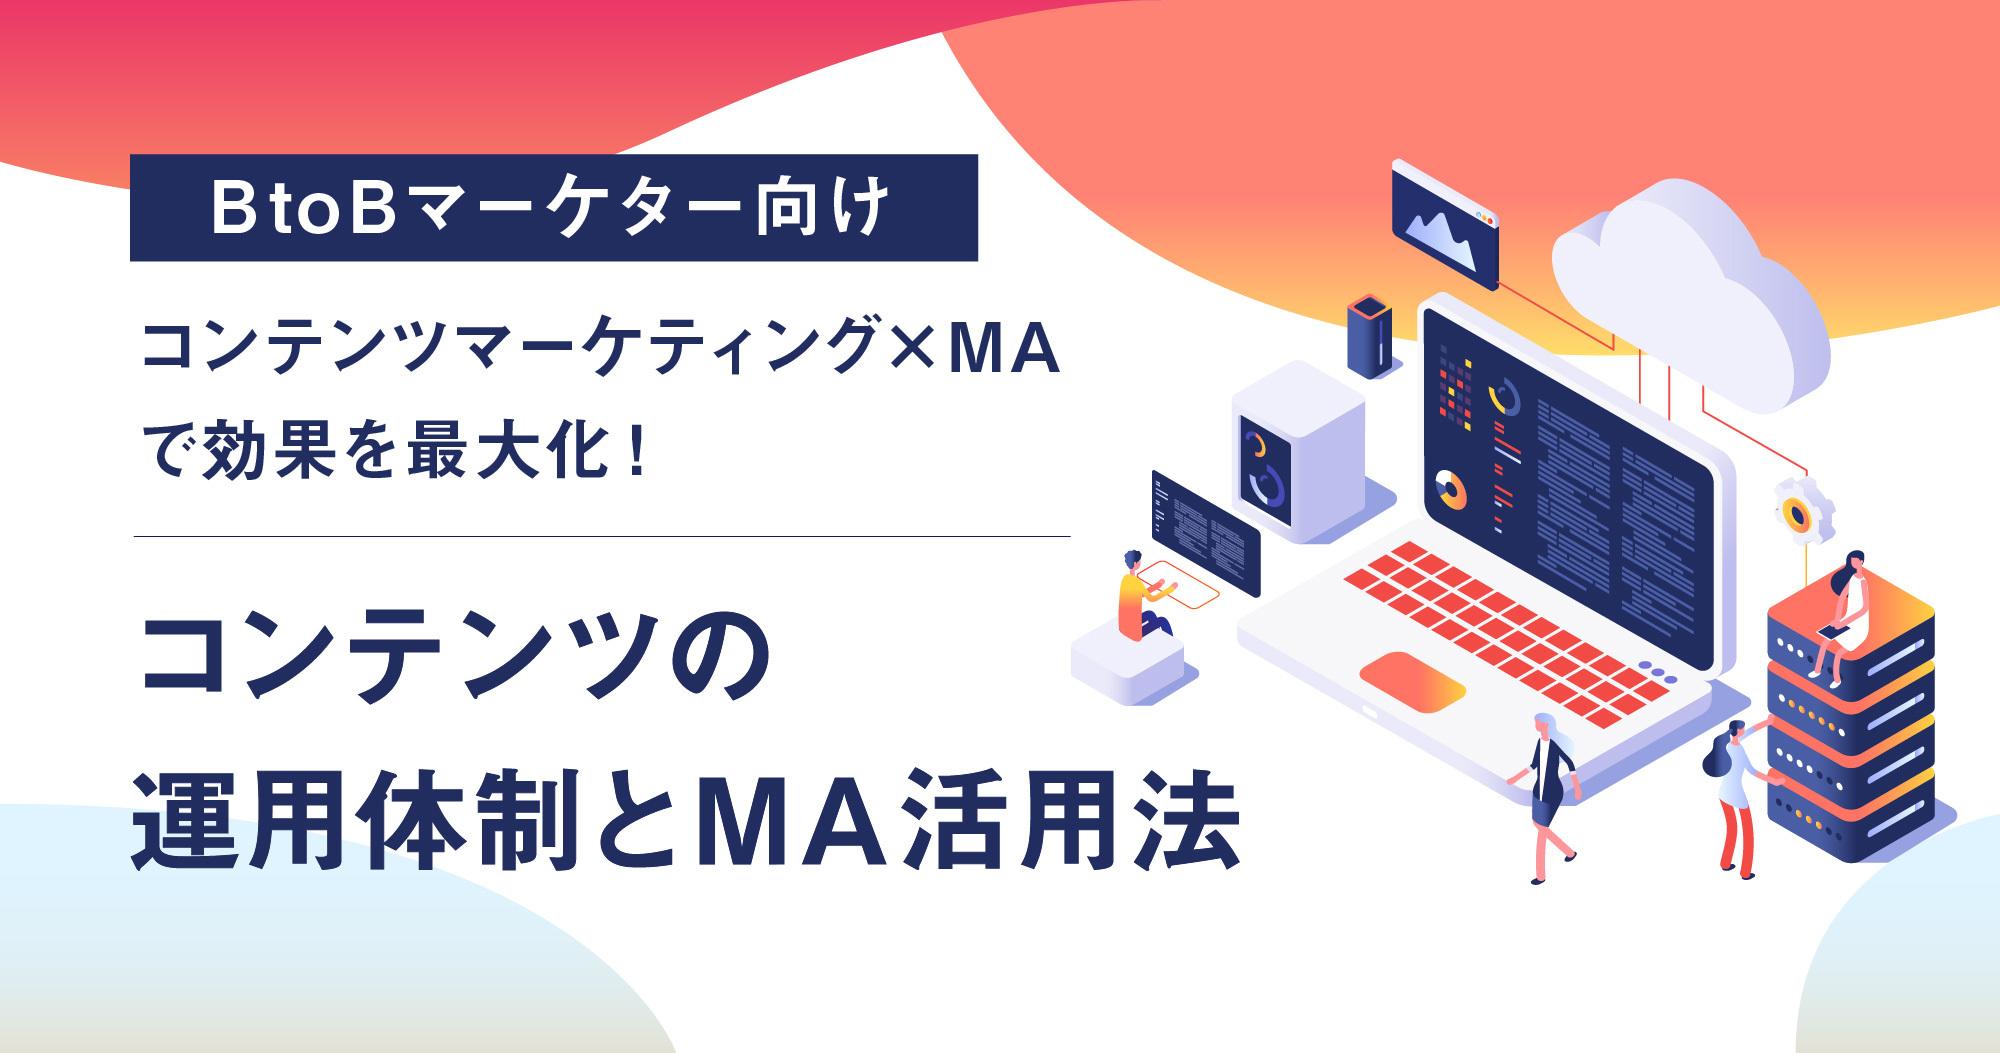 【1月12日(火)】[MA基礎講座]MAツールのメリットと活用方法とは